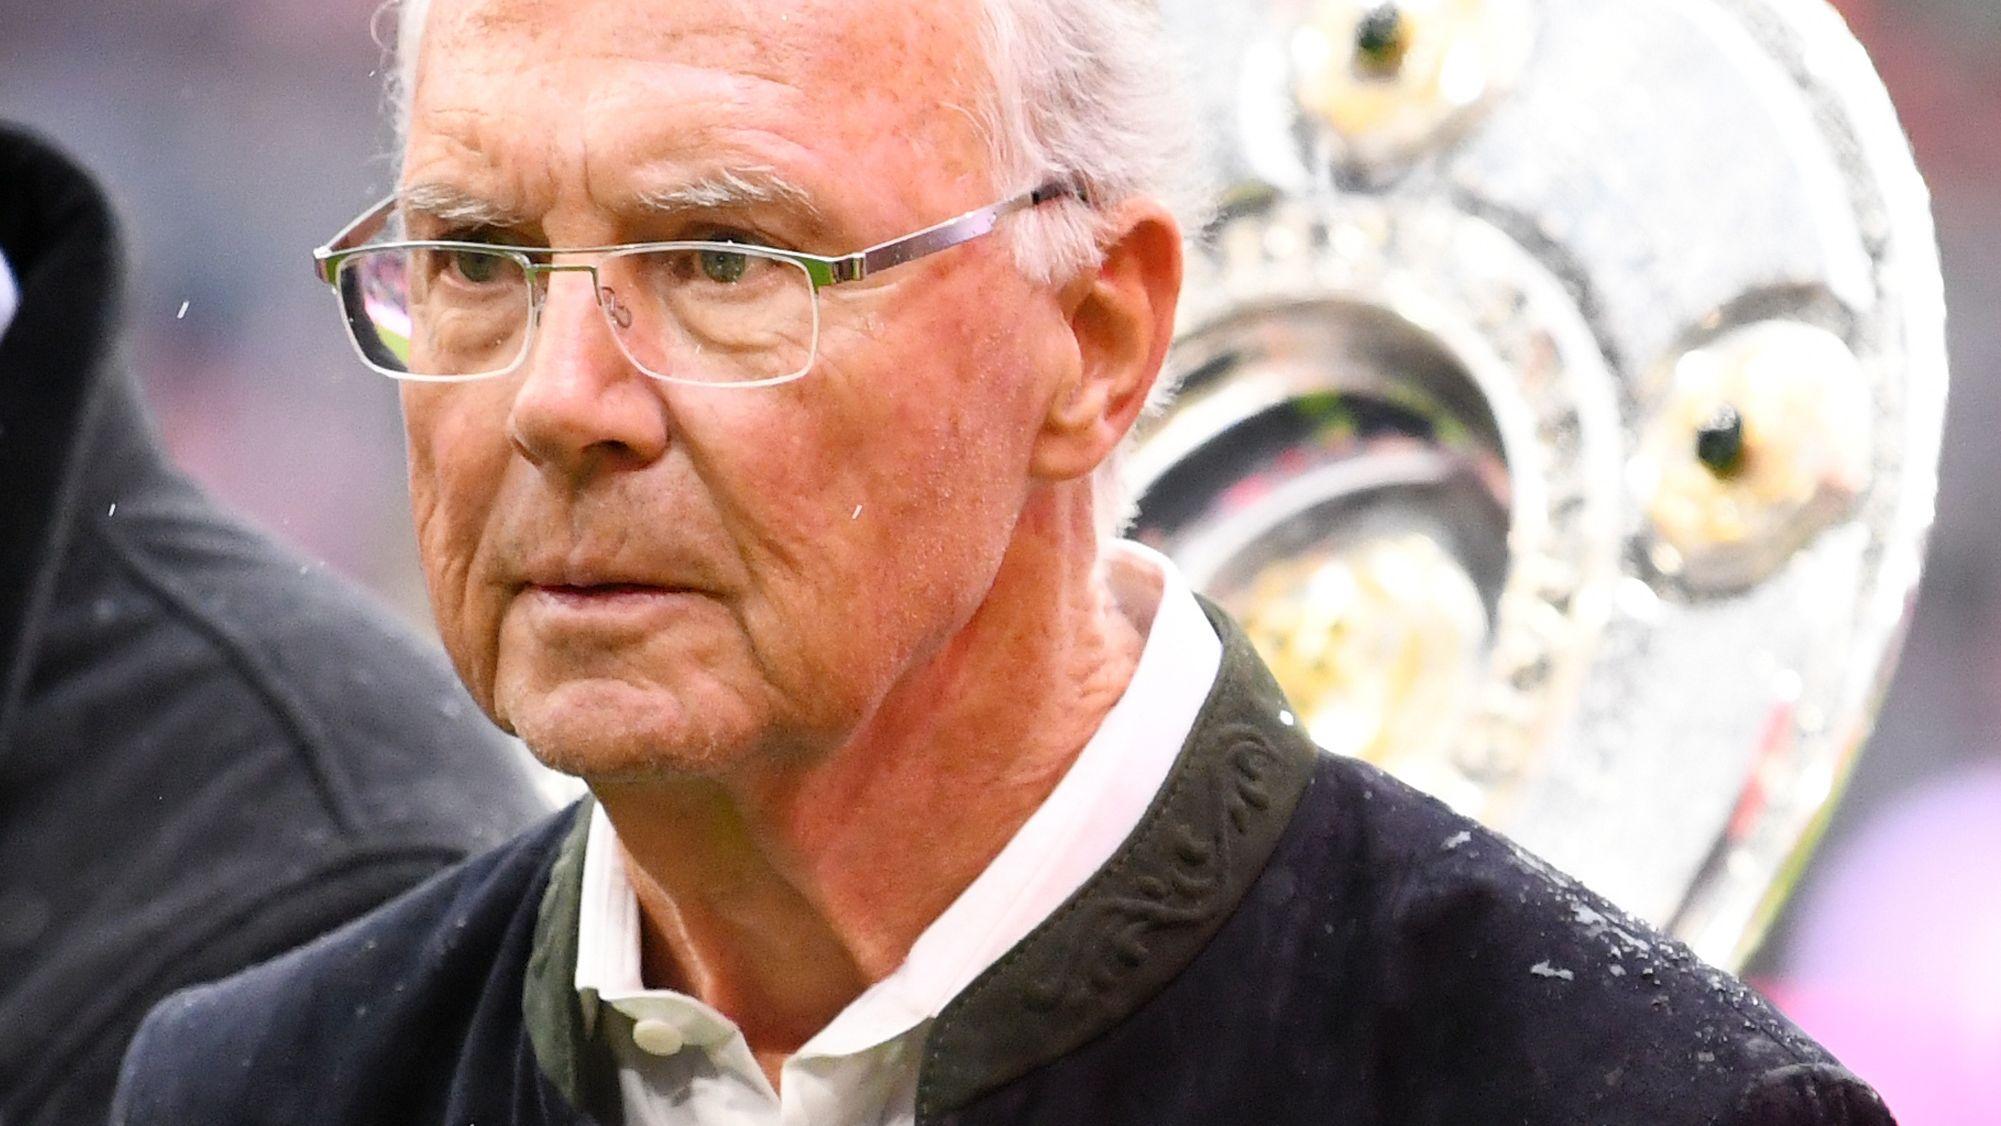 Franz Beckenbauer geht es angeblich gesundheitlich sehr schlecht, jede Aufregung soll lebensgefährlich sein.